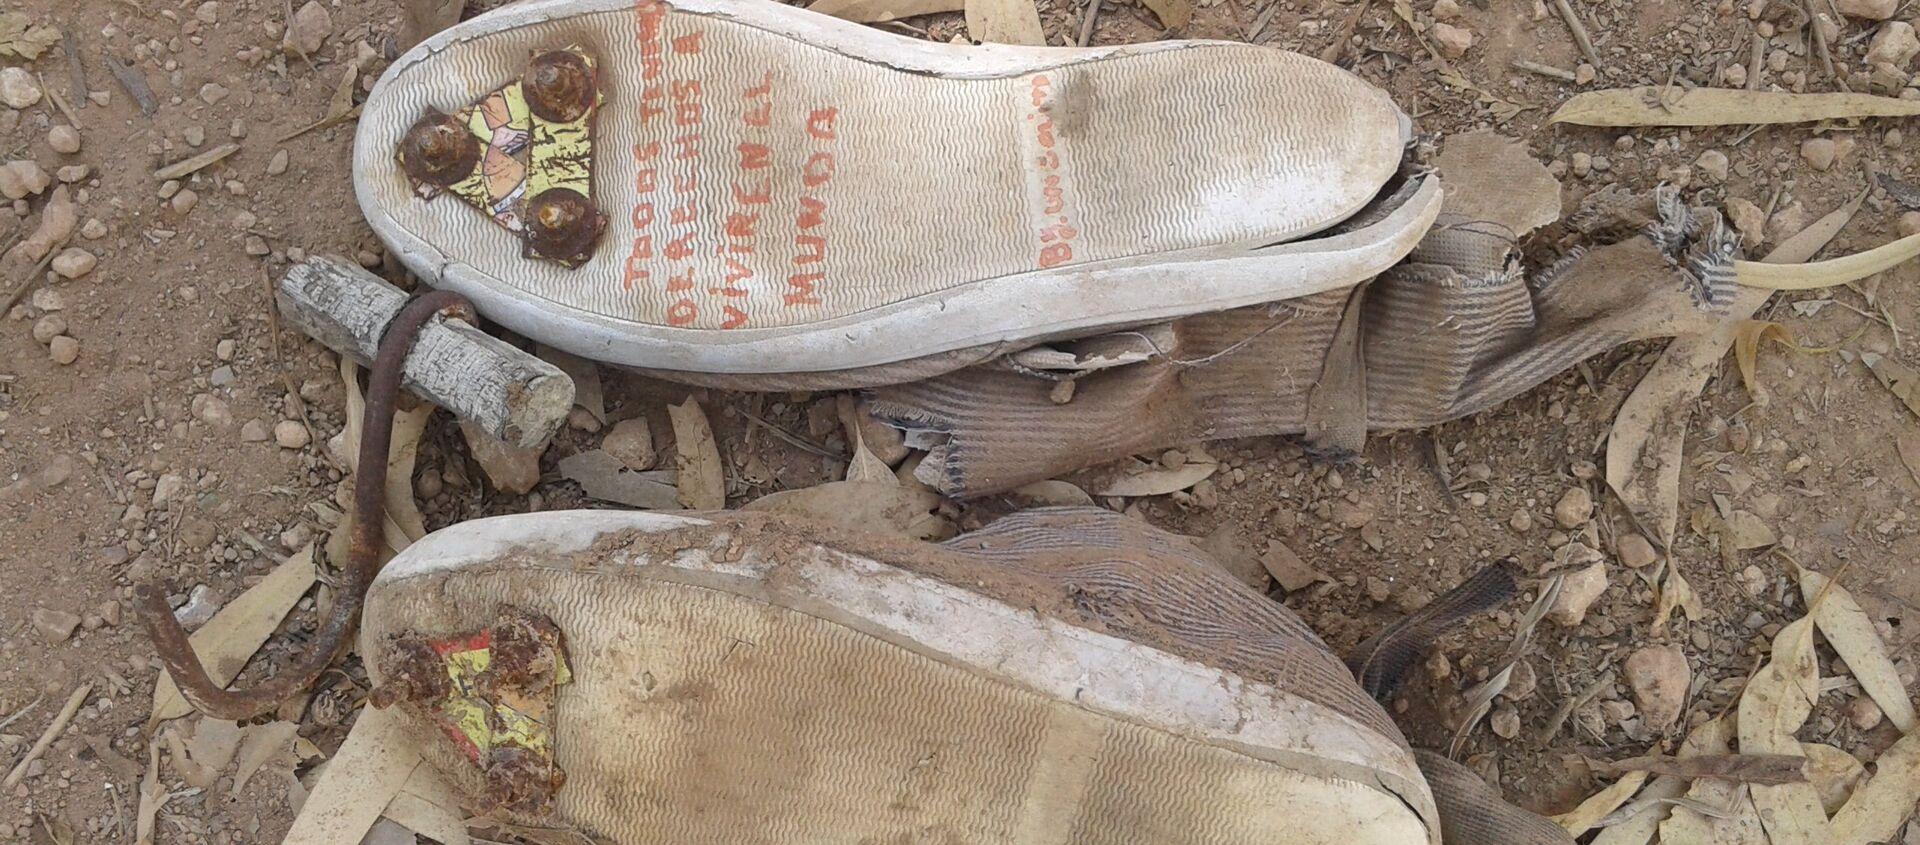 Fotografía de unas zapatillas con clavos en las suelas y un garfio de metal, que los inmigrantes indocumentados utilizan para saltar las vallas de Ceuta y Melilla, España. - Sputnik Mundo, 1920, 08.05.2018